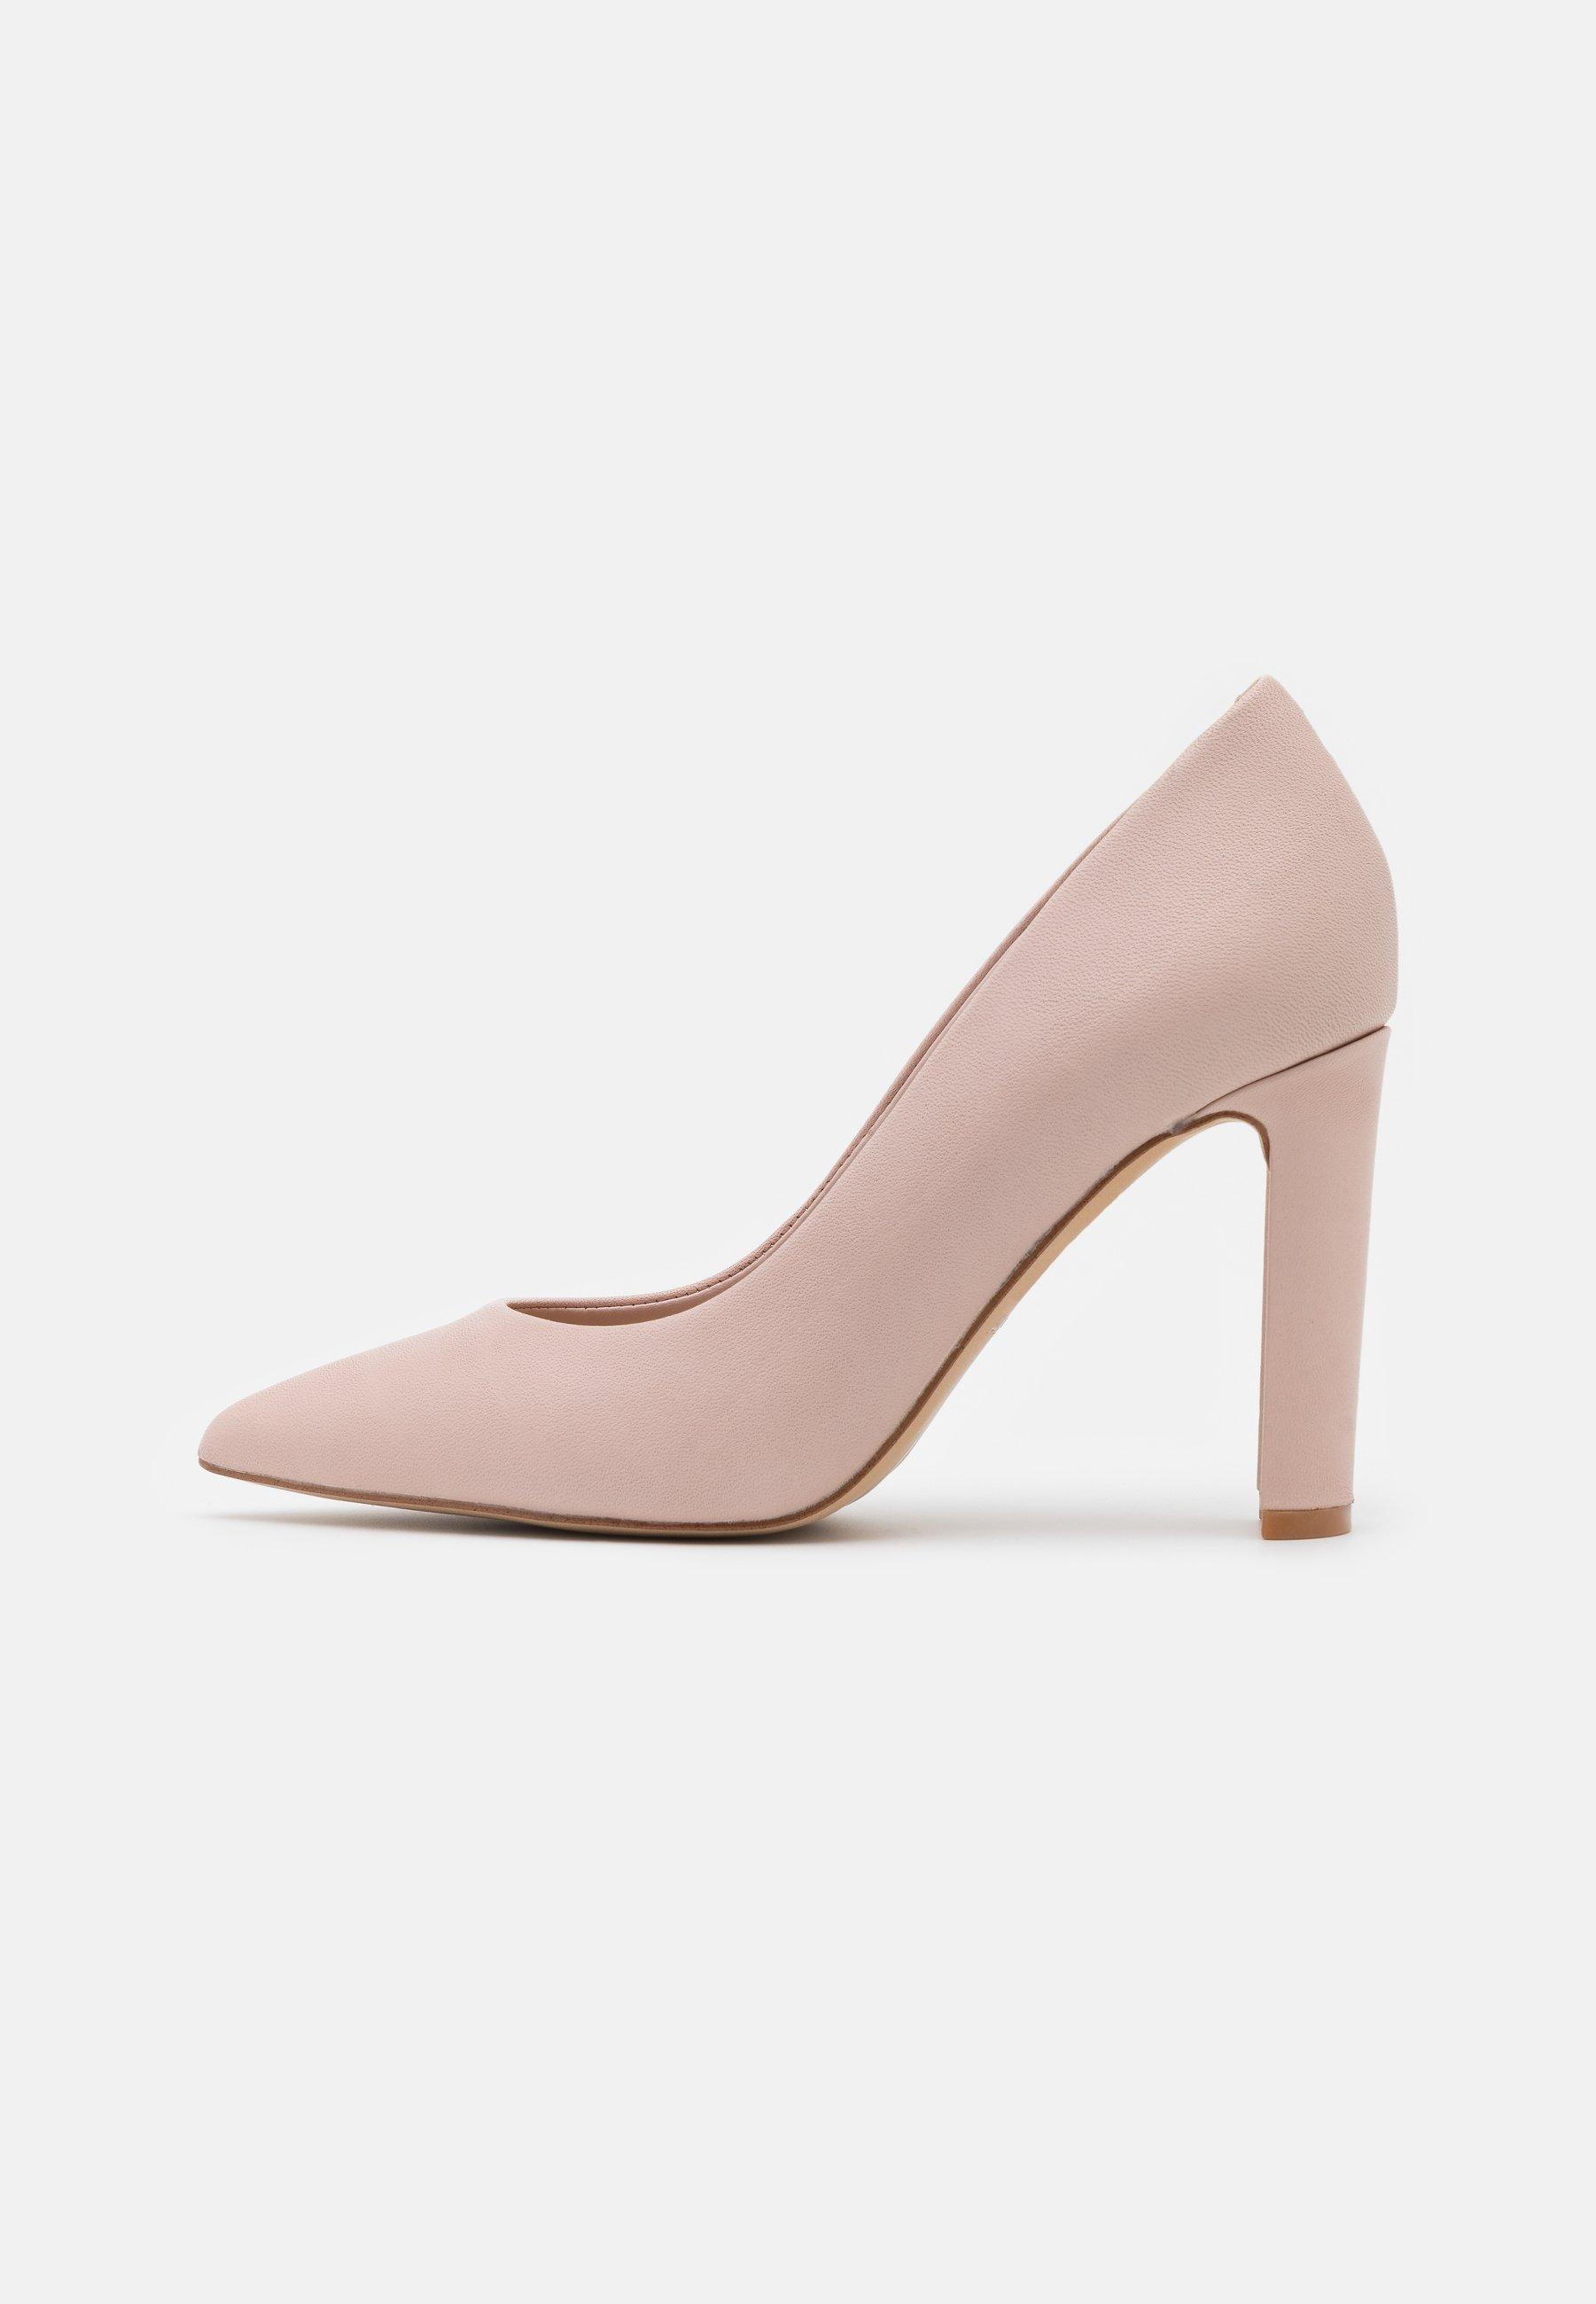 Aldo Febriclya Zapatos de Tac/ón Mujer